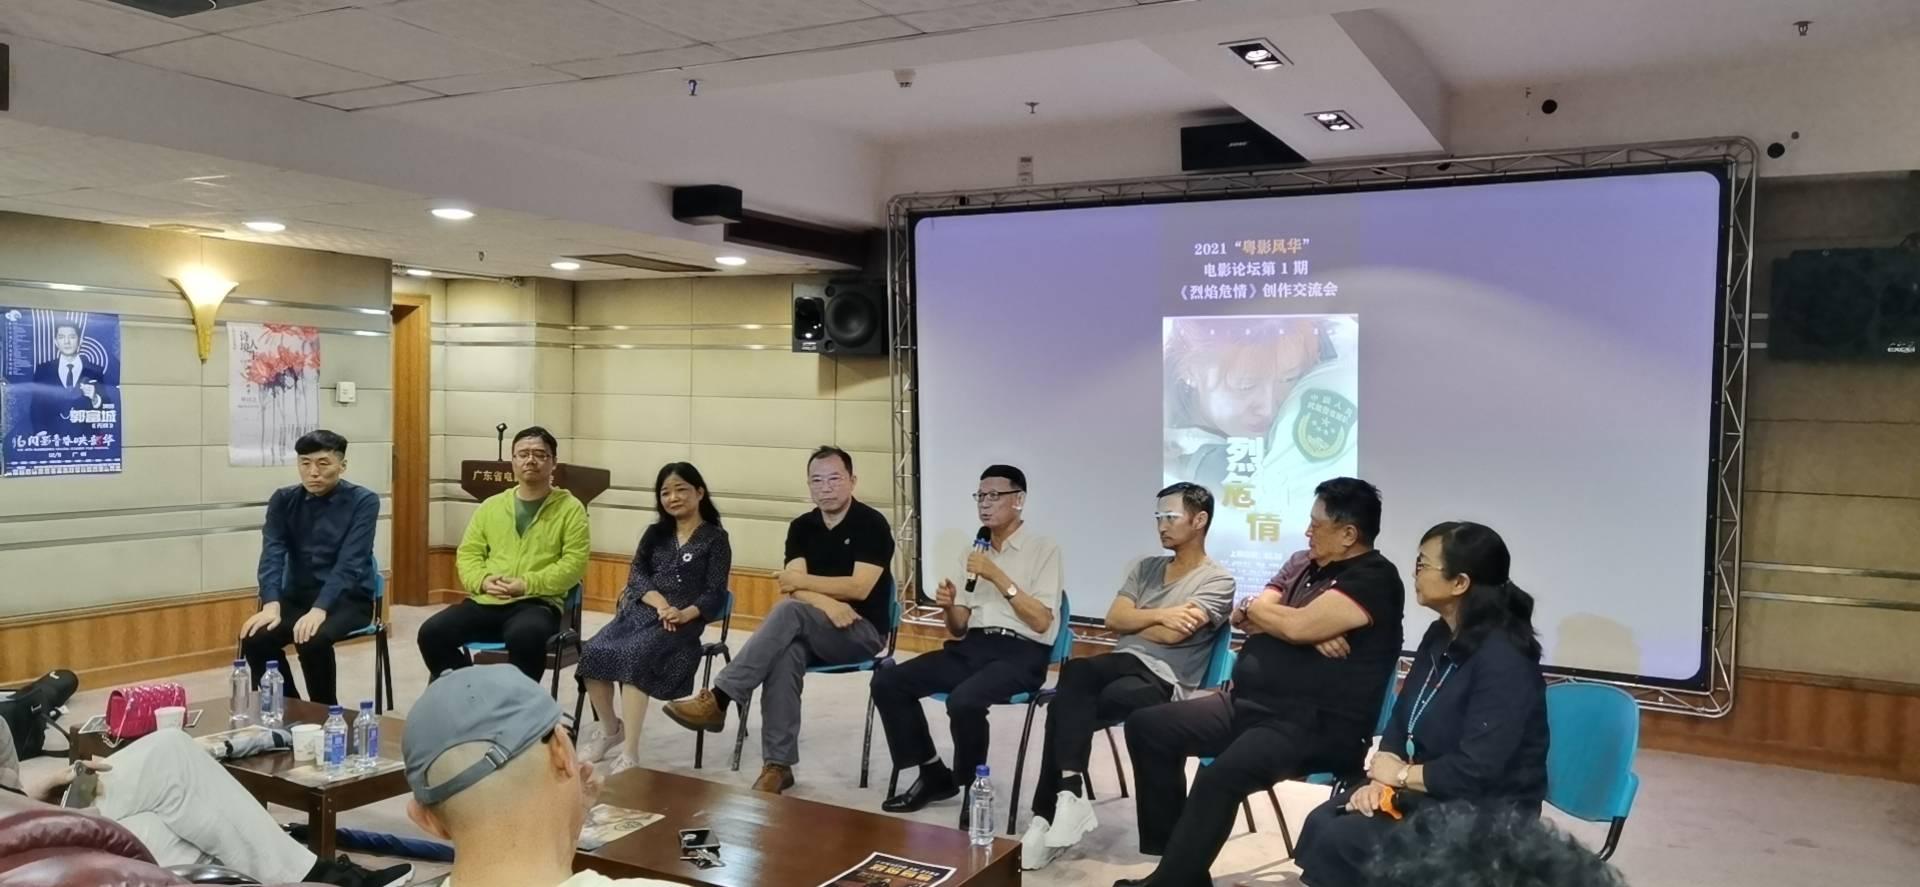 星辉平台注册广东省电影家协会在广东省文学艺术中心举办影片《烈焰危情》观摩分享会,数十名电影业内专家、从业者以及消防救援指战员参加(图3)